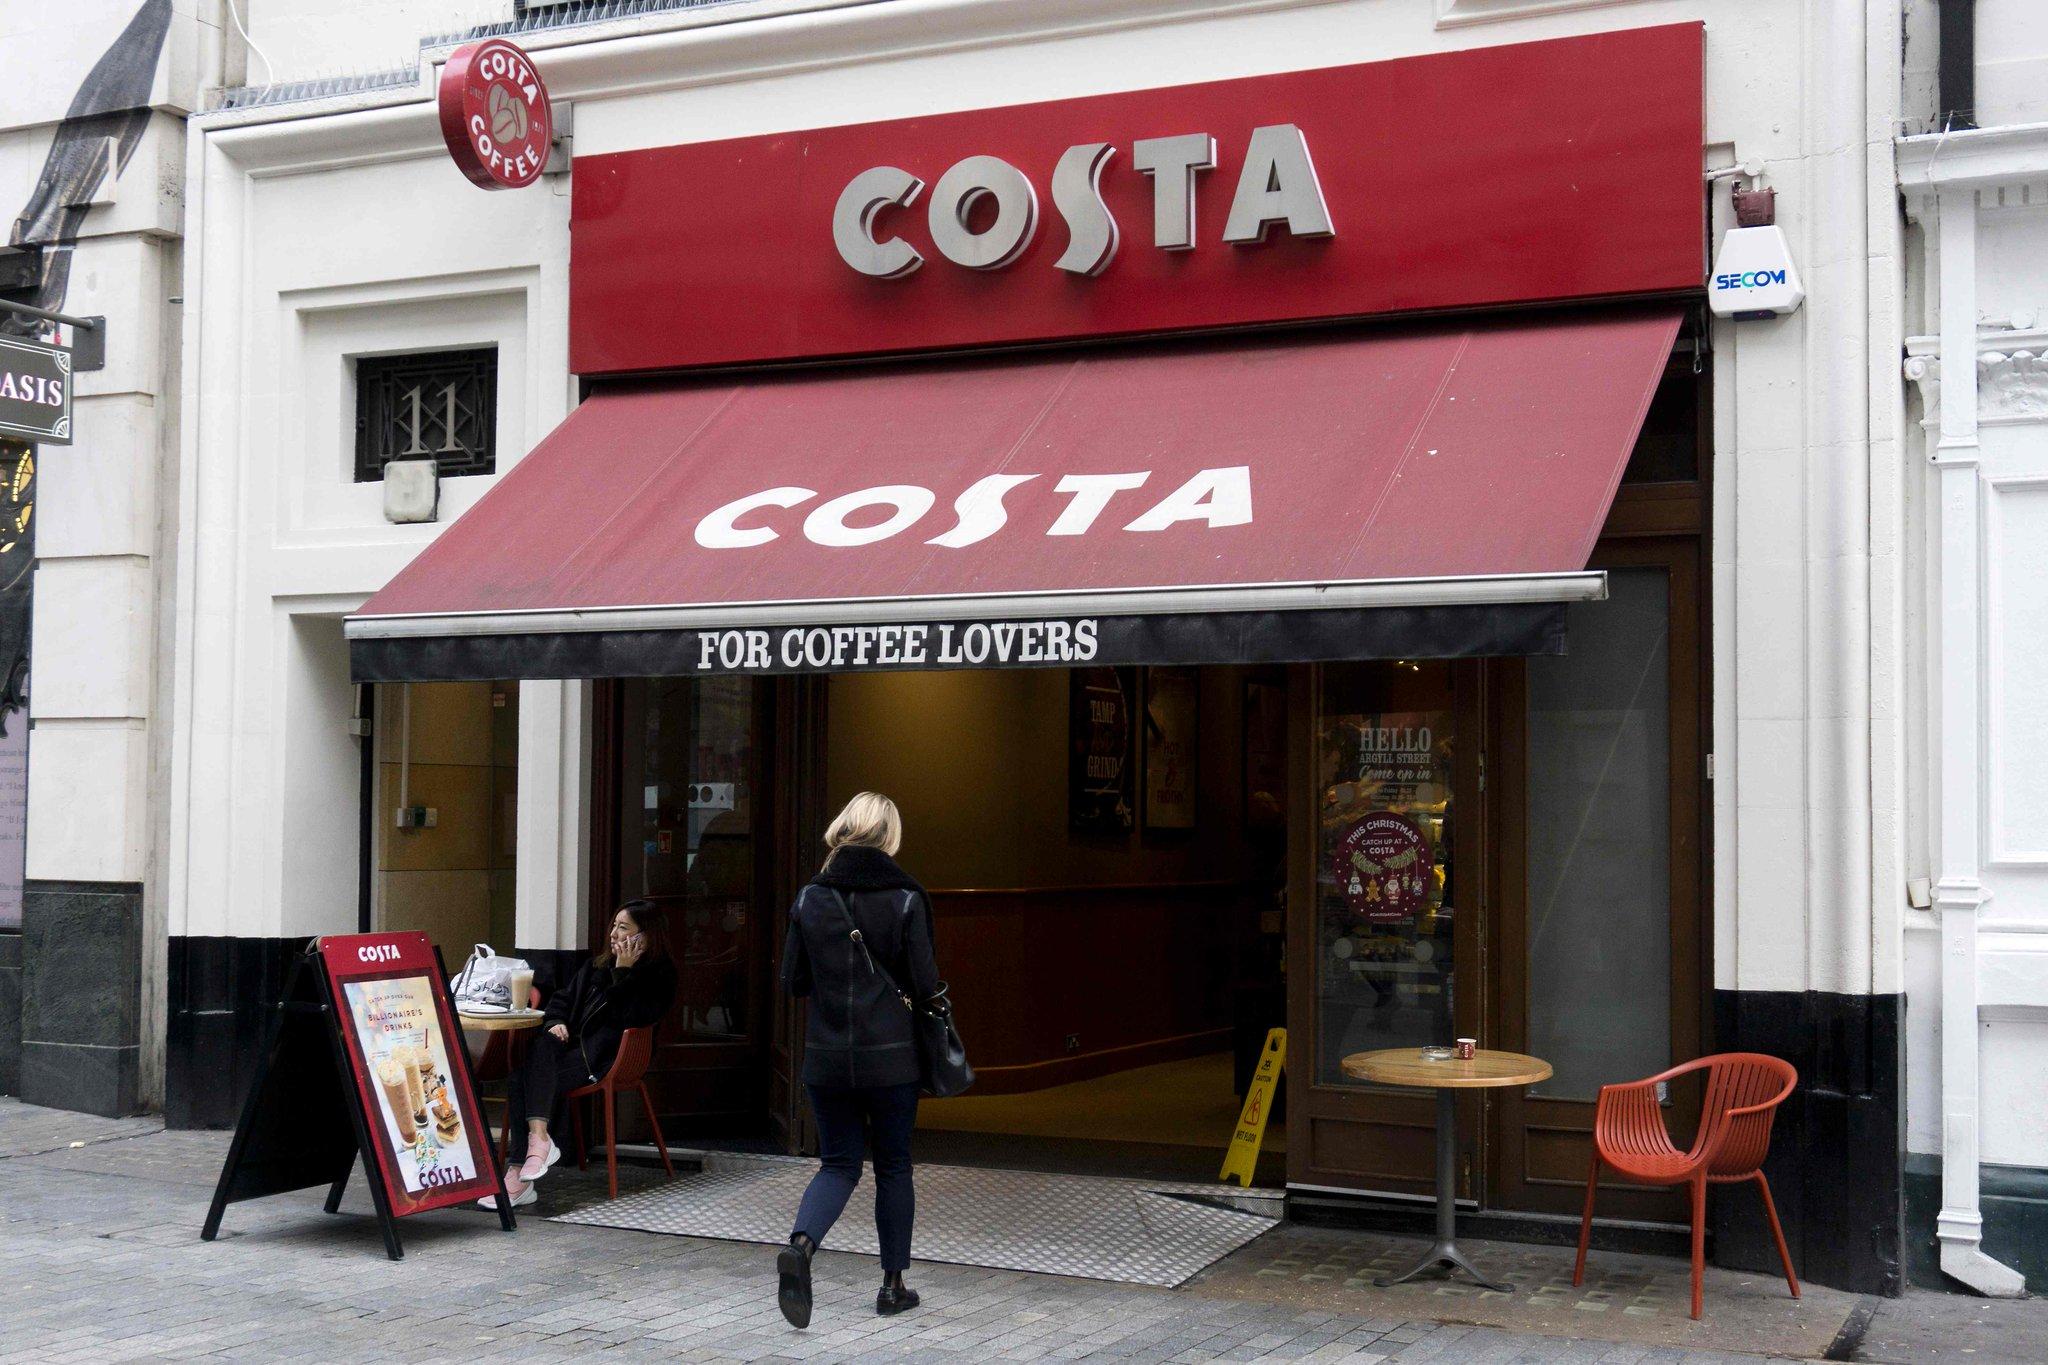 | @Economia_pl | El gigante estadounidense Coca-Cola hará una espectacular entrada en el mercado de la venta de café, desembolsando US$5,100 millones, para comprar la cadena británica Costa, una de las mayores del mundo. https://t.co/awPp7mReF0